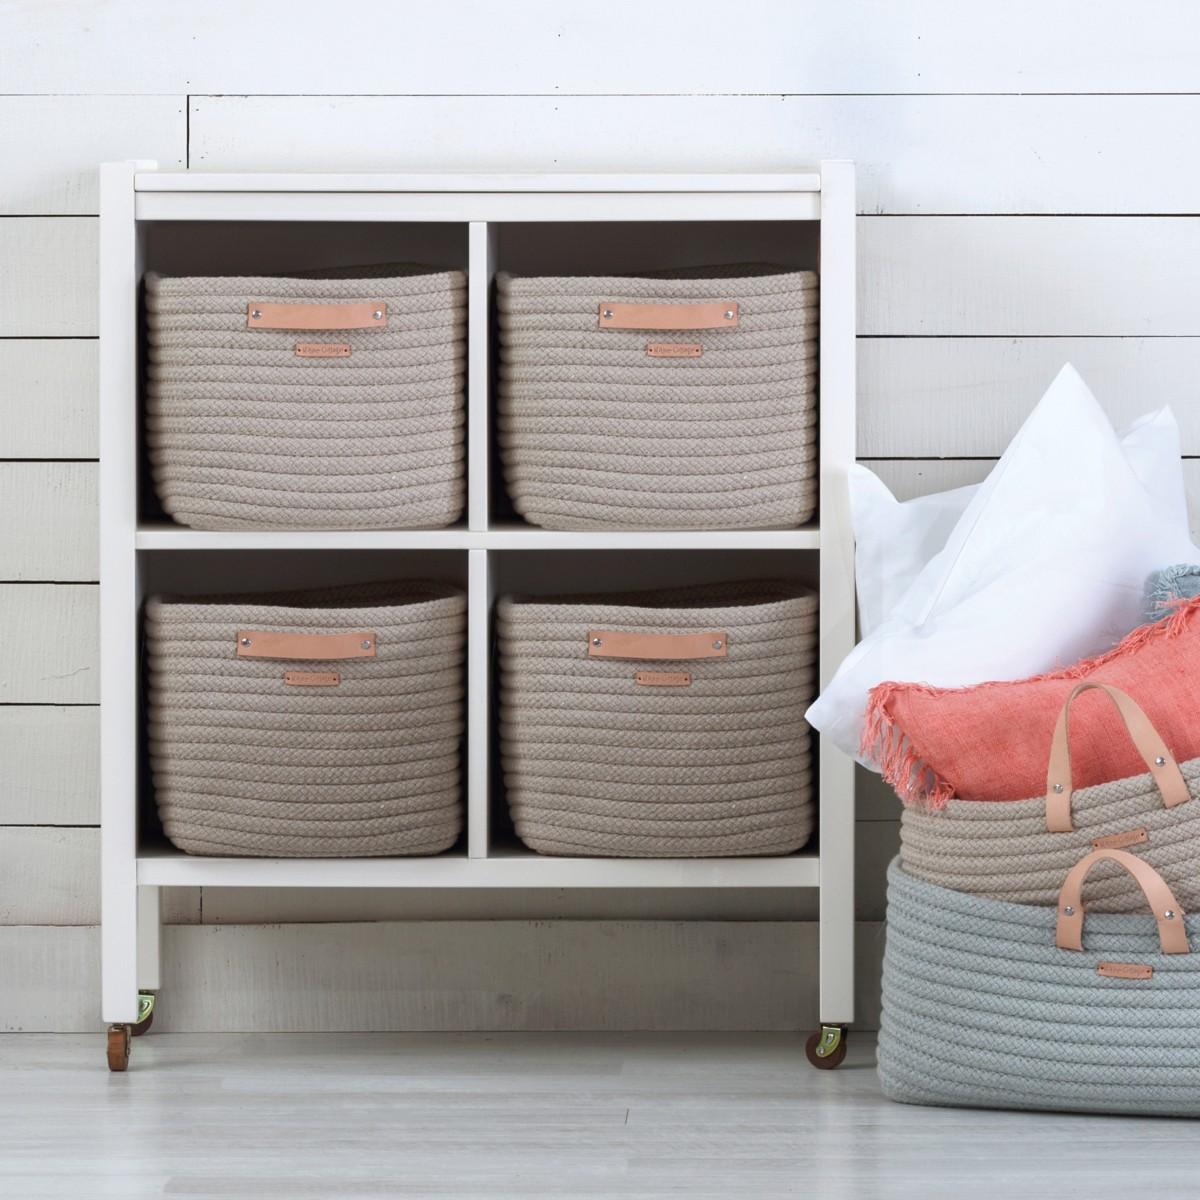 Small Stow-Away Shelf